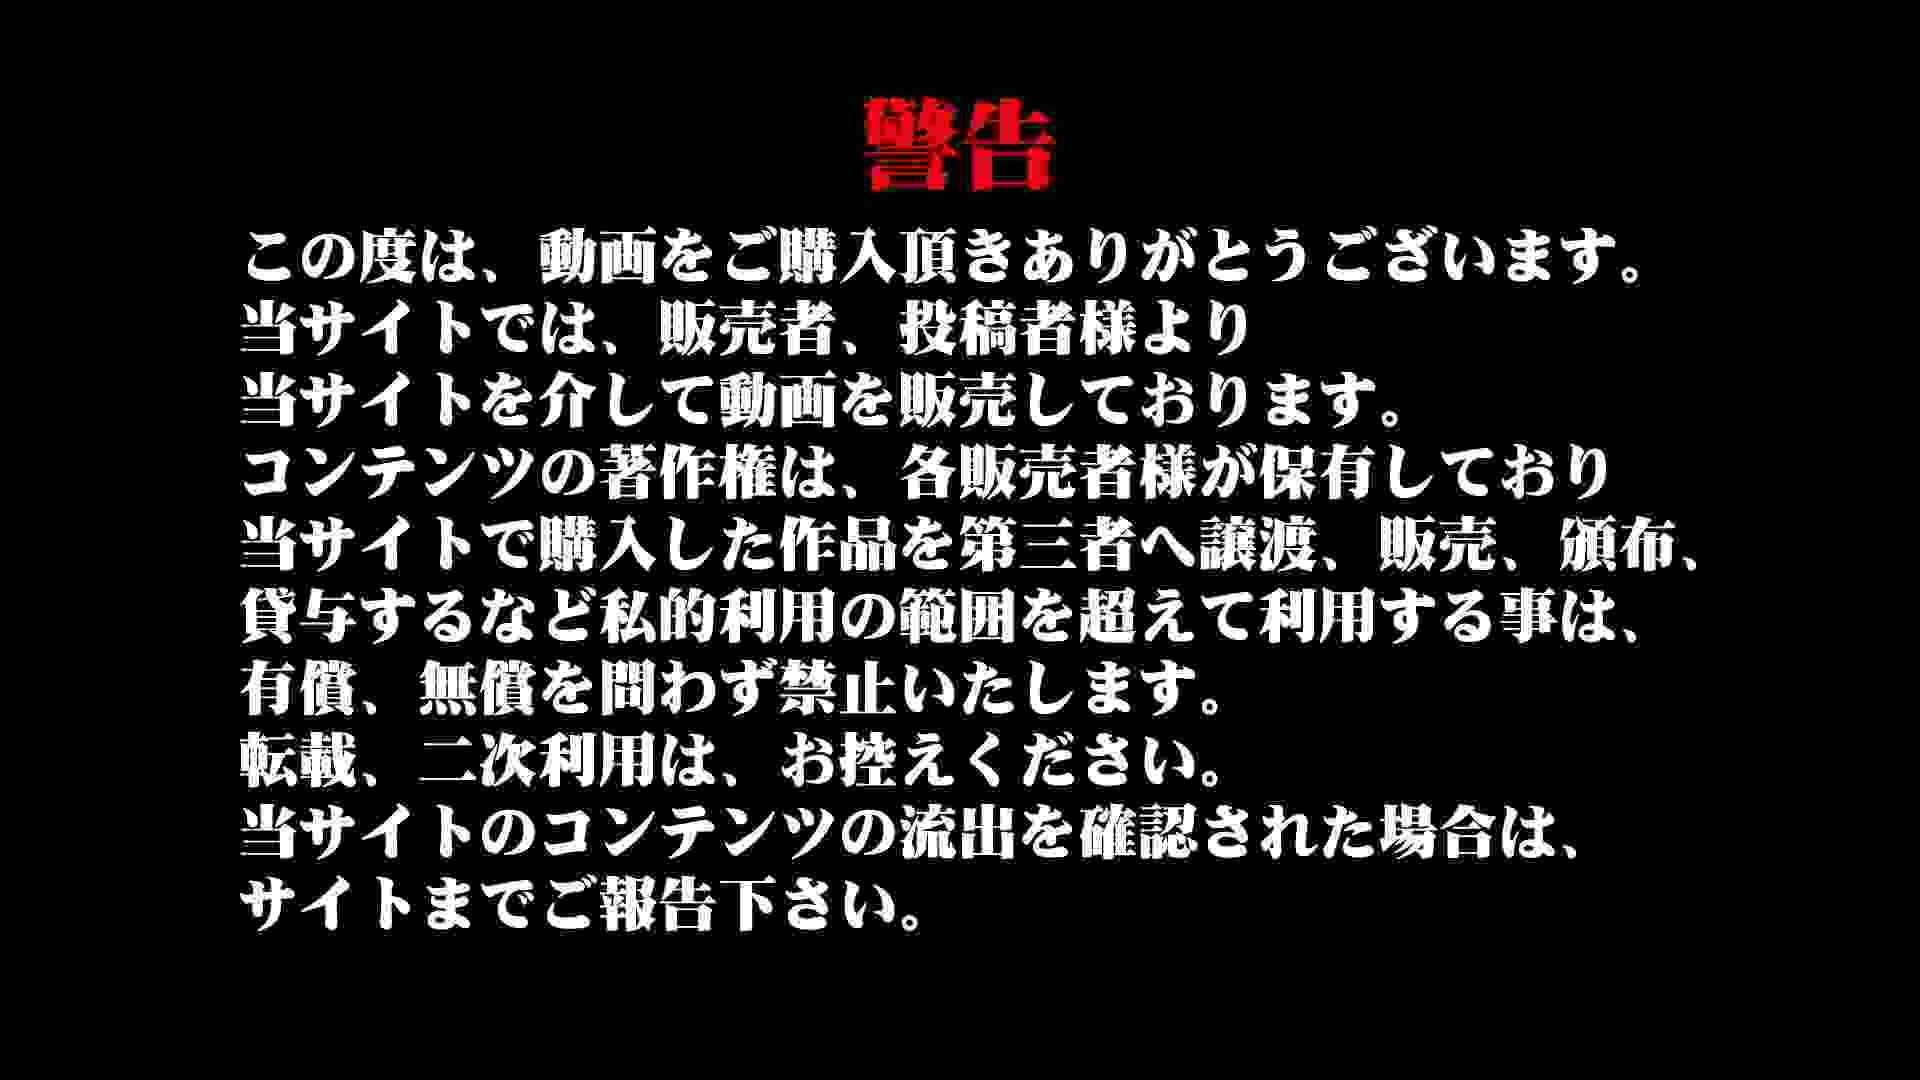 Aquaな露天風呂Vol.906 盗撮  92画像 3